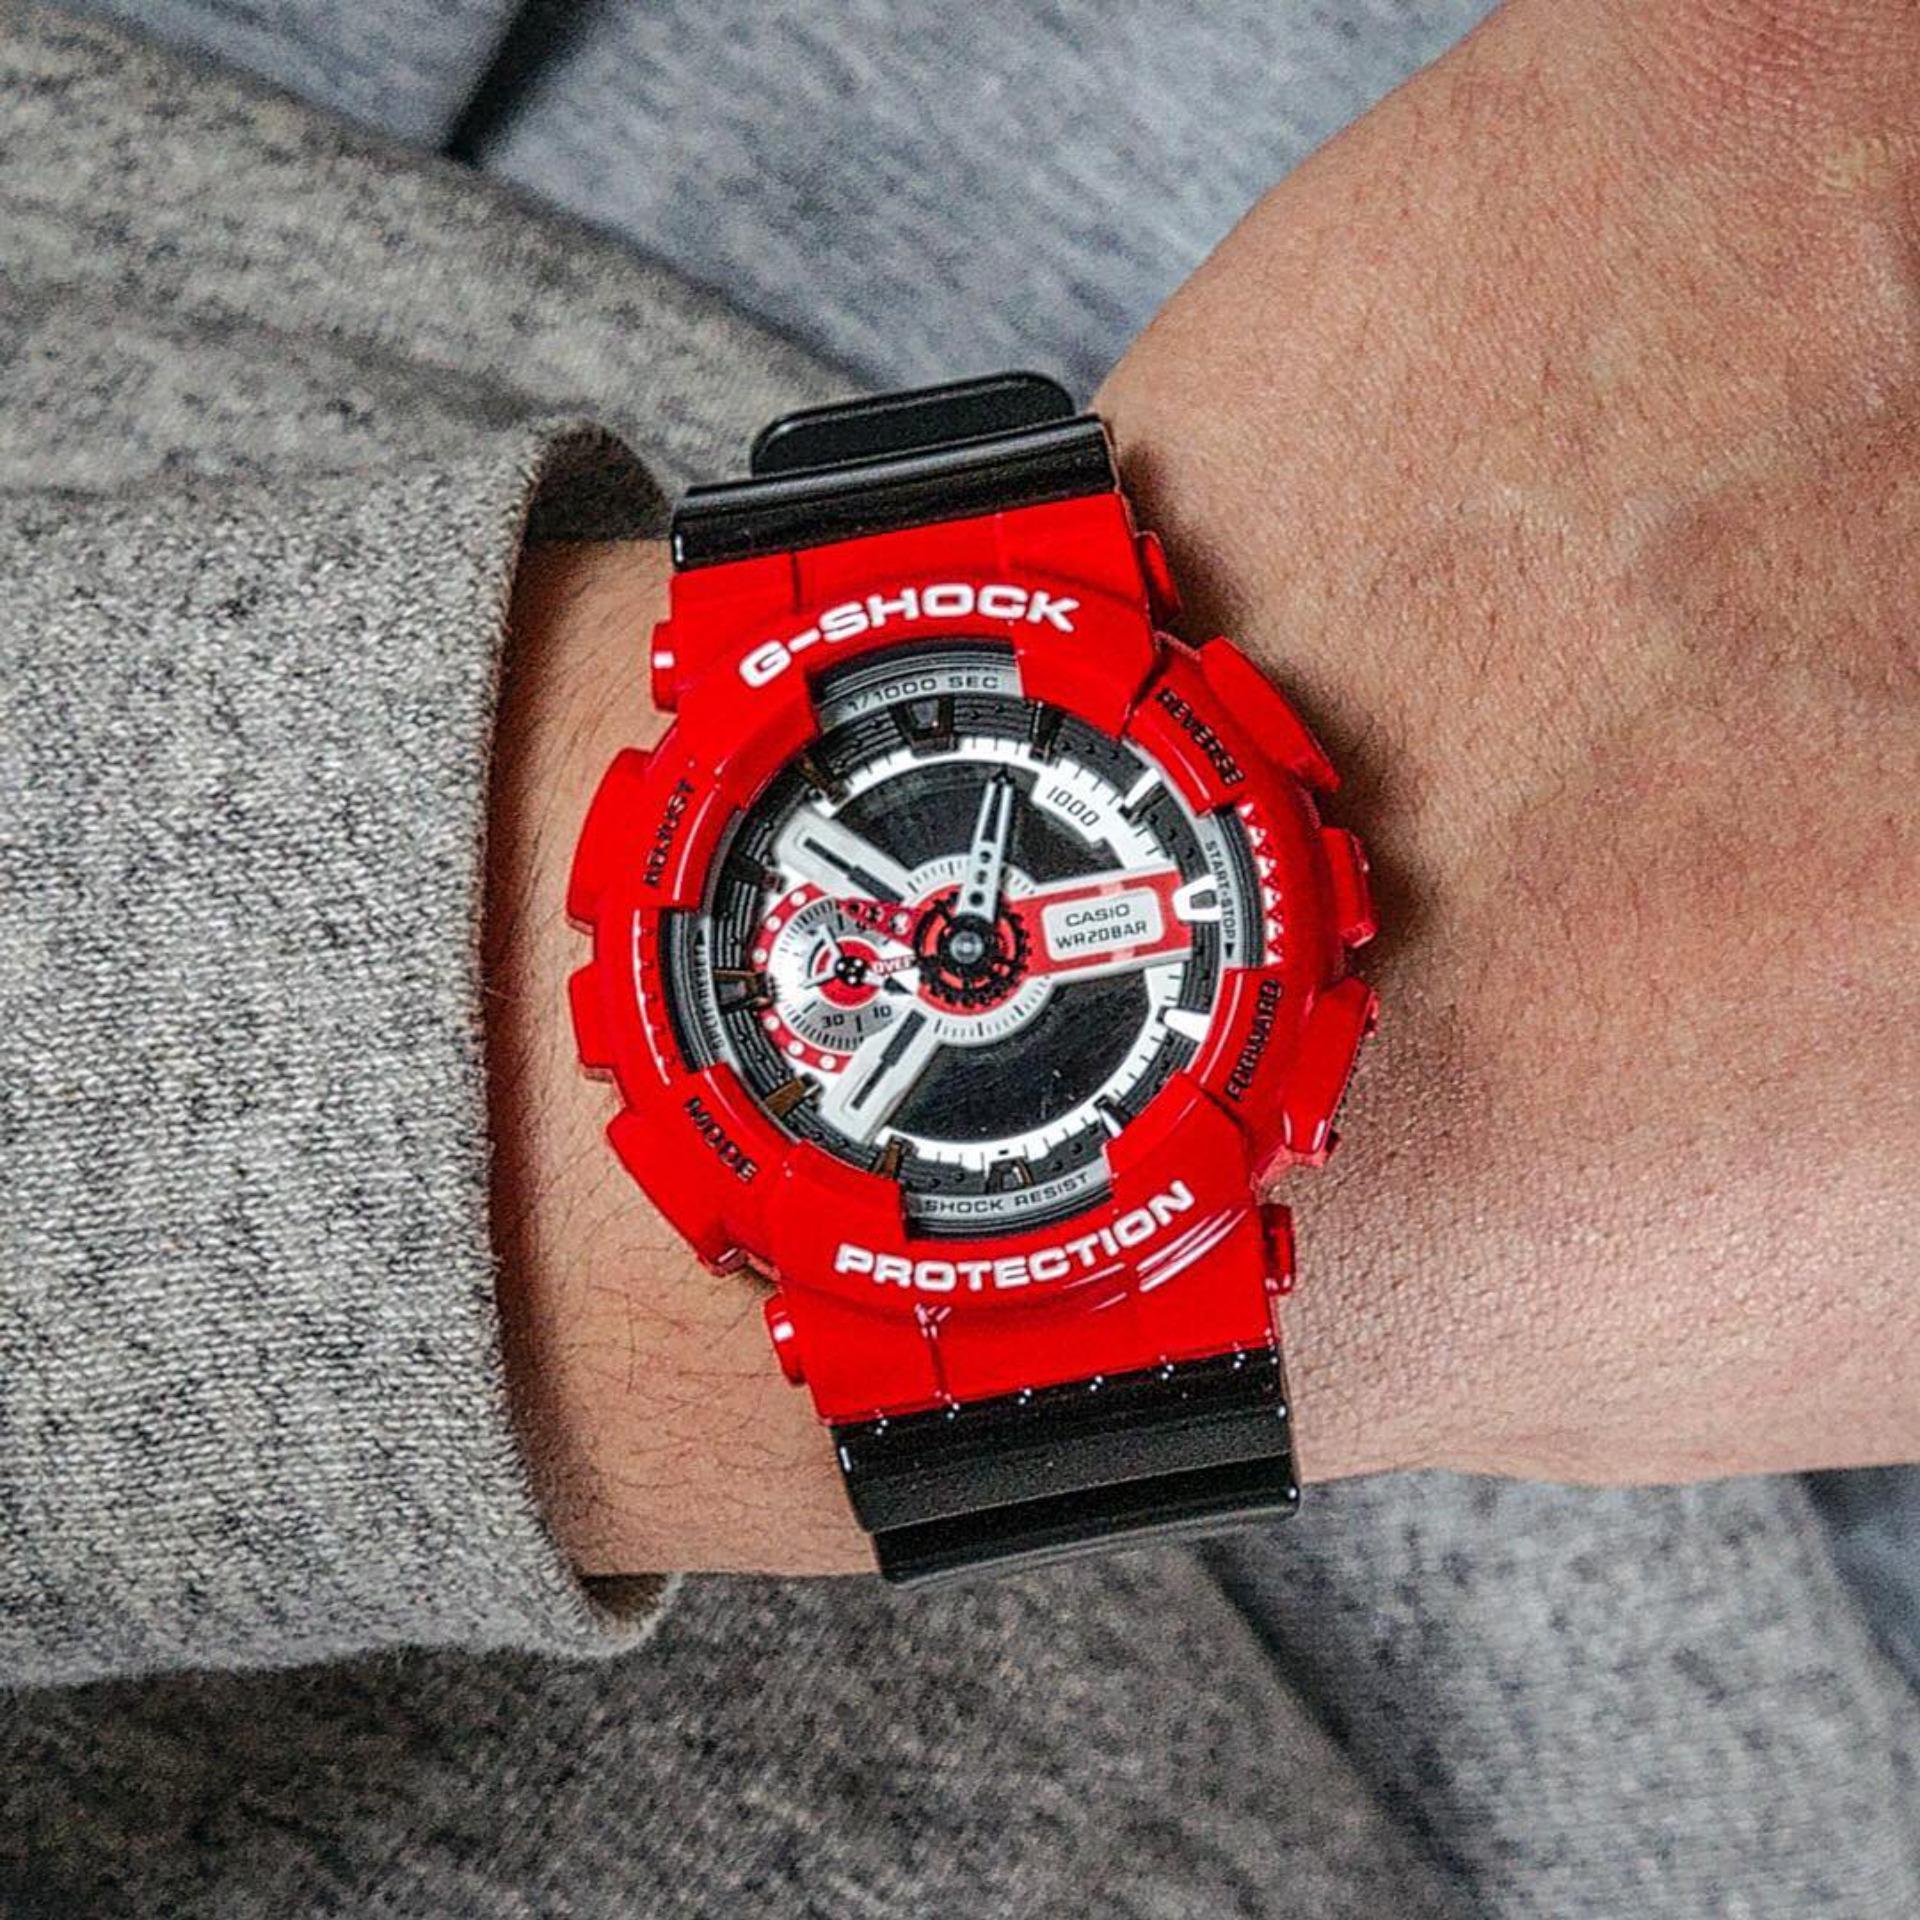 Casio G Shock Watch Jam Tangan Pria Biru Strap Rubber Gd 110 2dr 120mb 1dr Black Red Resin Source Analog Digital Ga